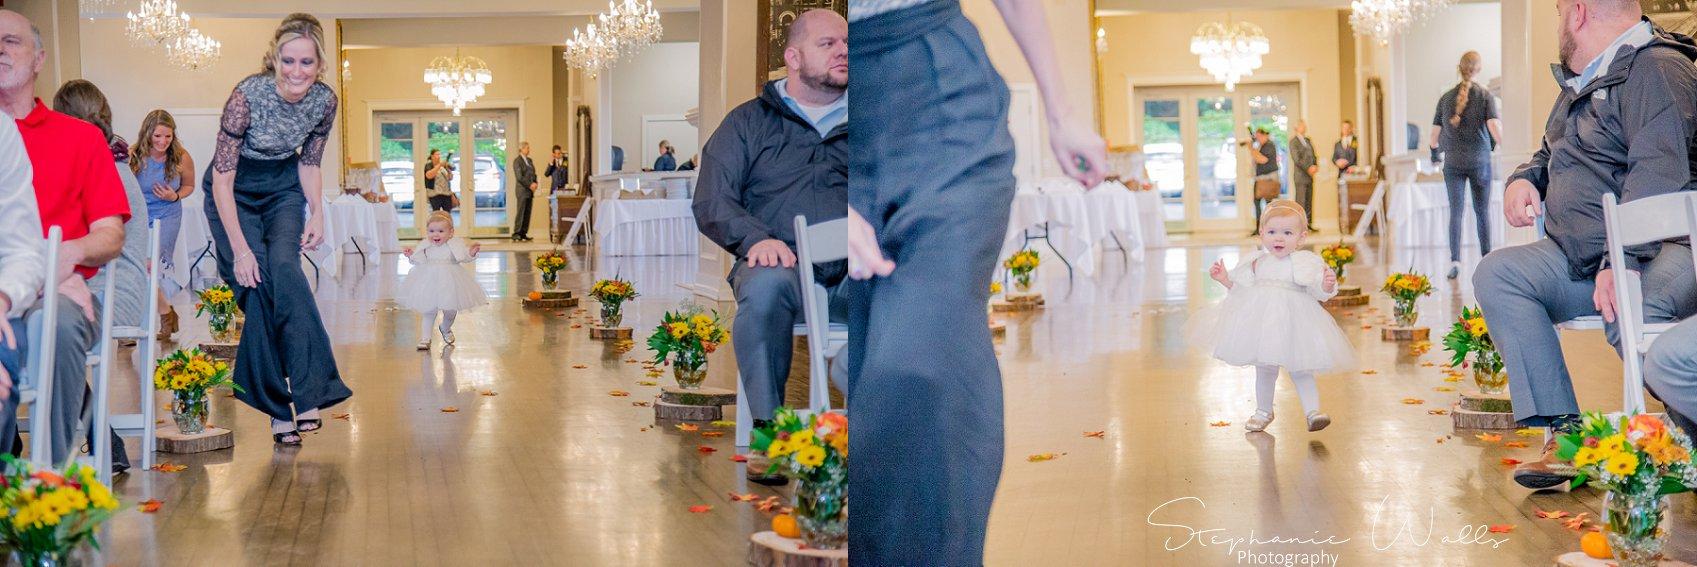 Ceremony 003 KK & Zack   Hollywood Schoolhouse Wedding   Woodinville, Wa Wedding Photographer